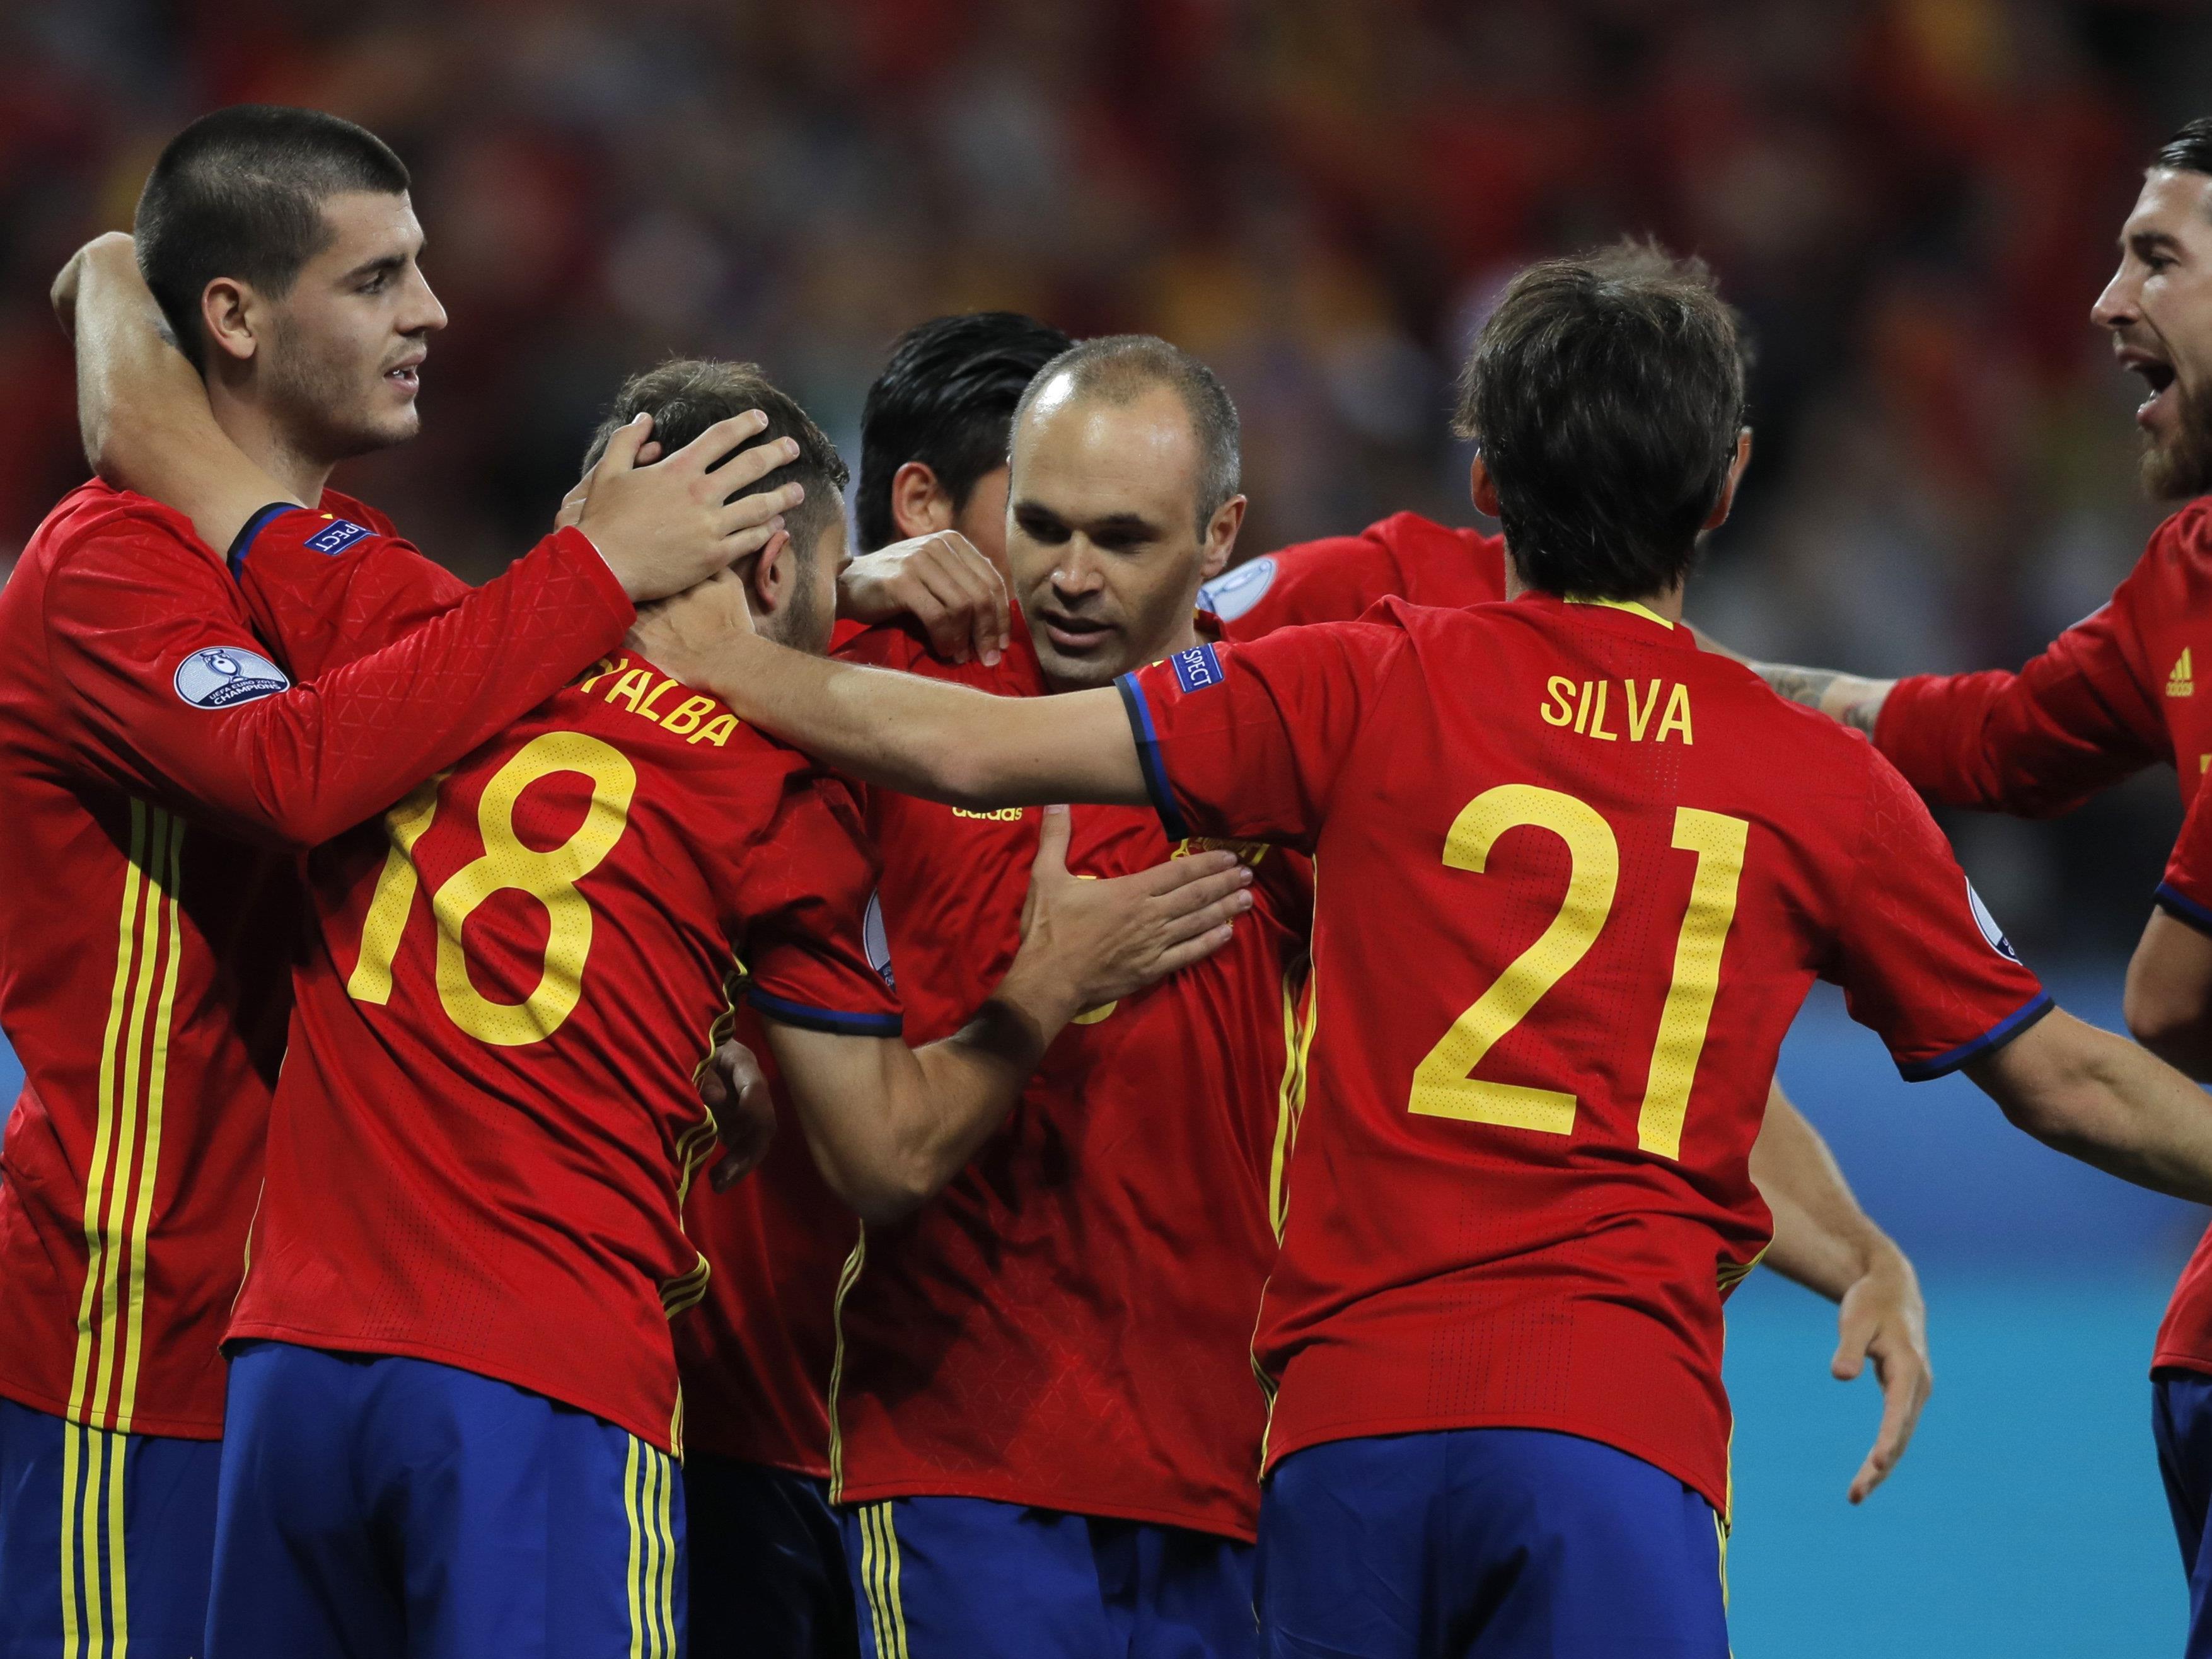 Spanien feierte einen 3:0-Sieg über die Türkei und stürmt ins Achtelfinale.